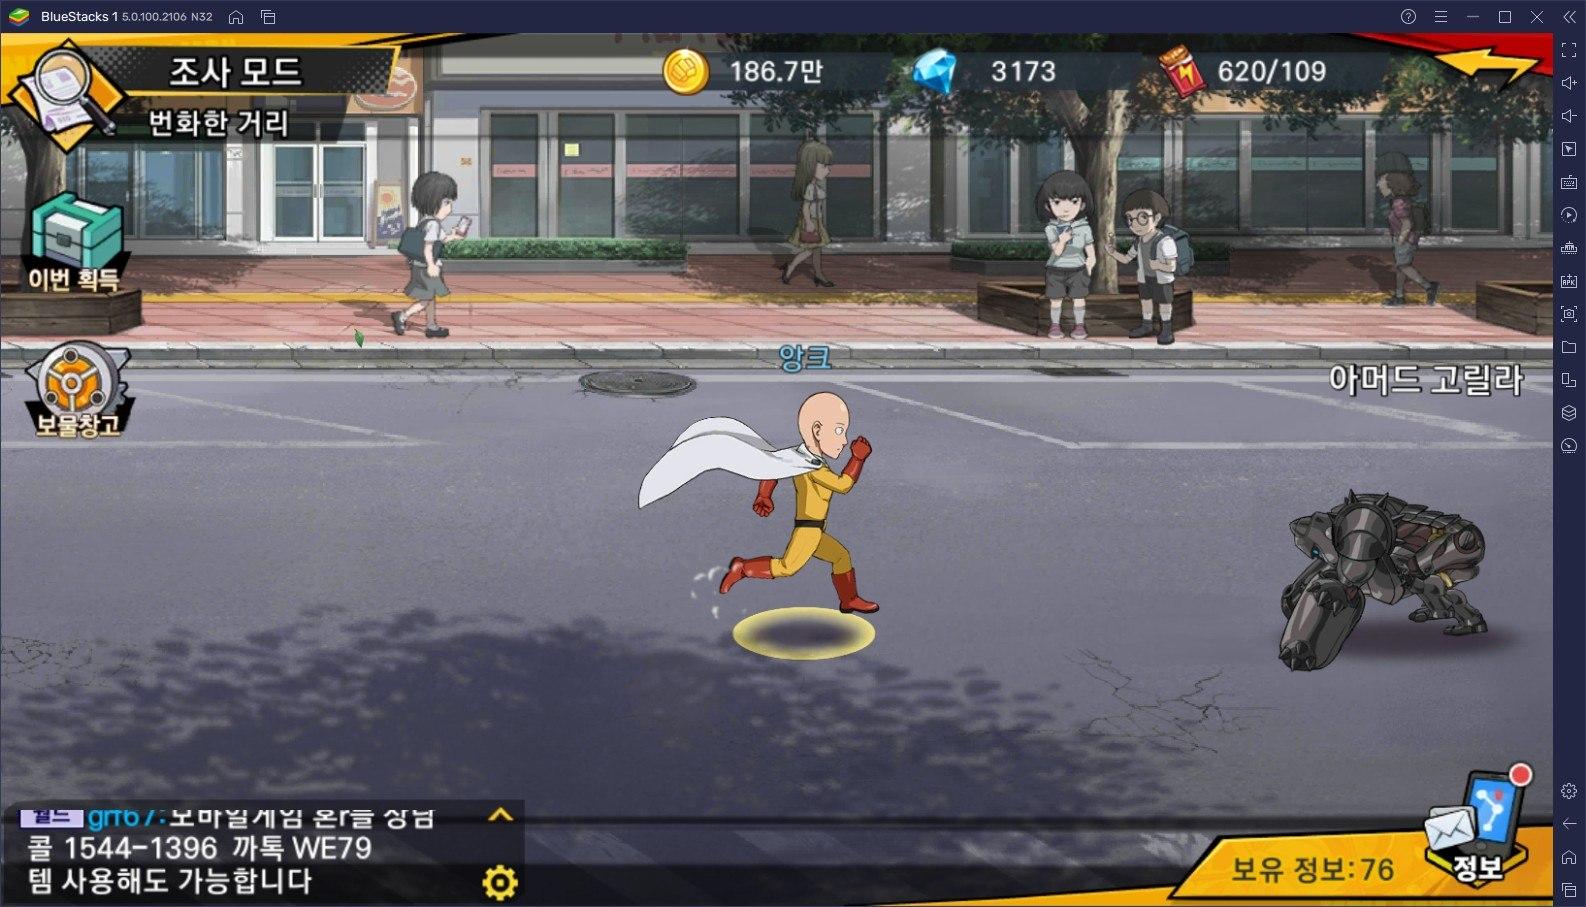 빠른 성장을 원한다면, 원펀맨:최강의 남자의 사이타마 임무를 PC에서 블루스택 앱플레이어로 쾌적하게 진행해봐요